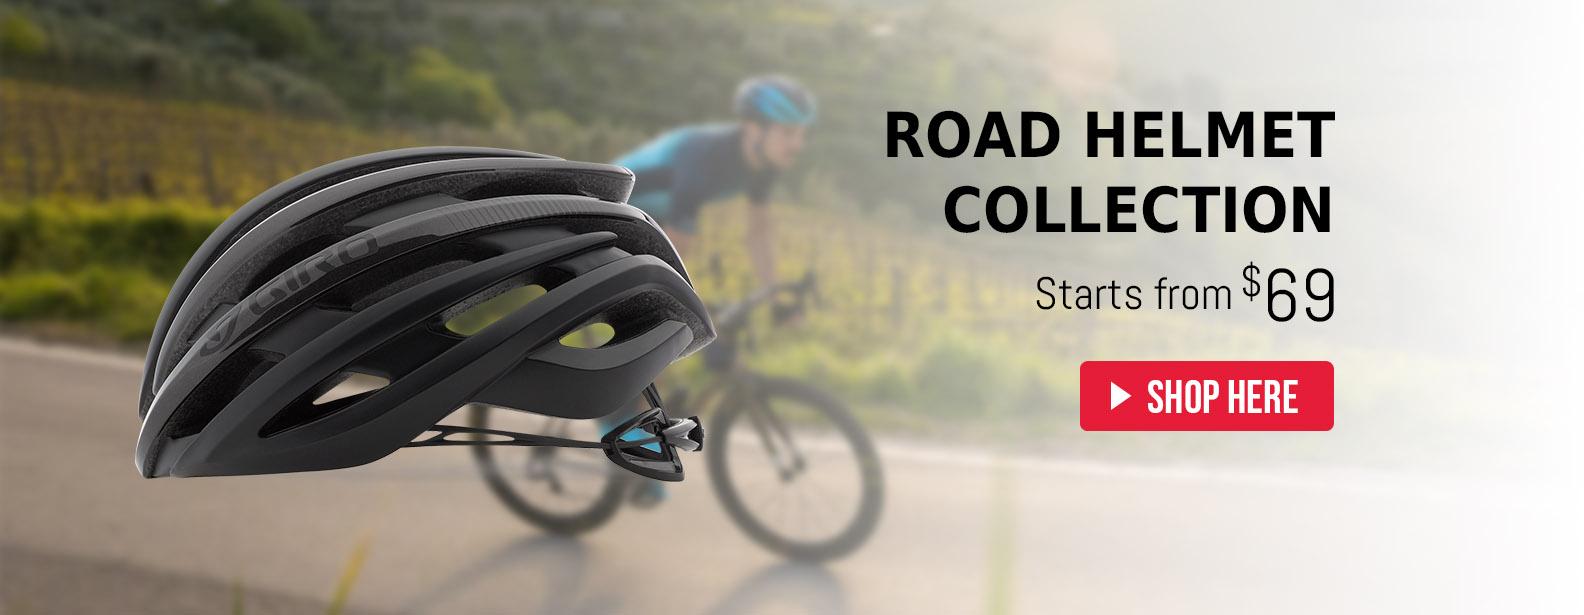 Buy Road Helmet Collection